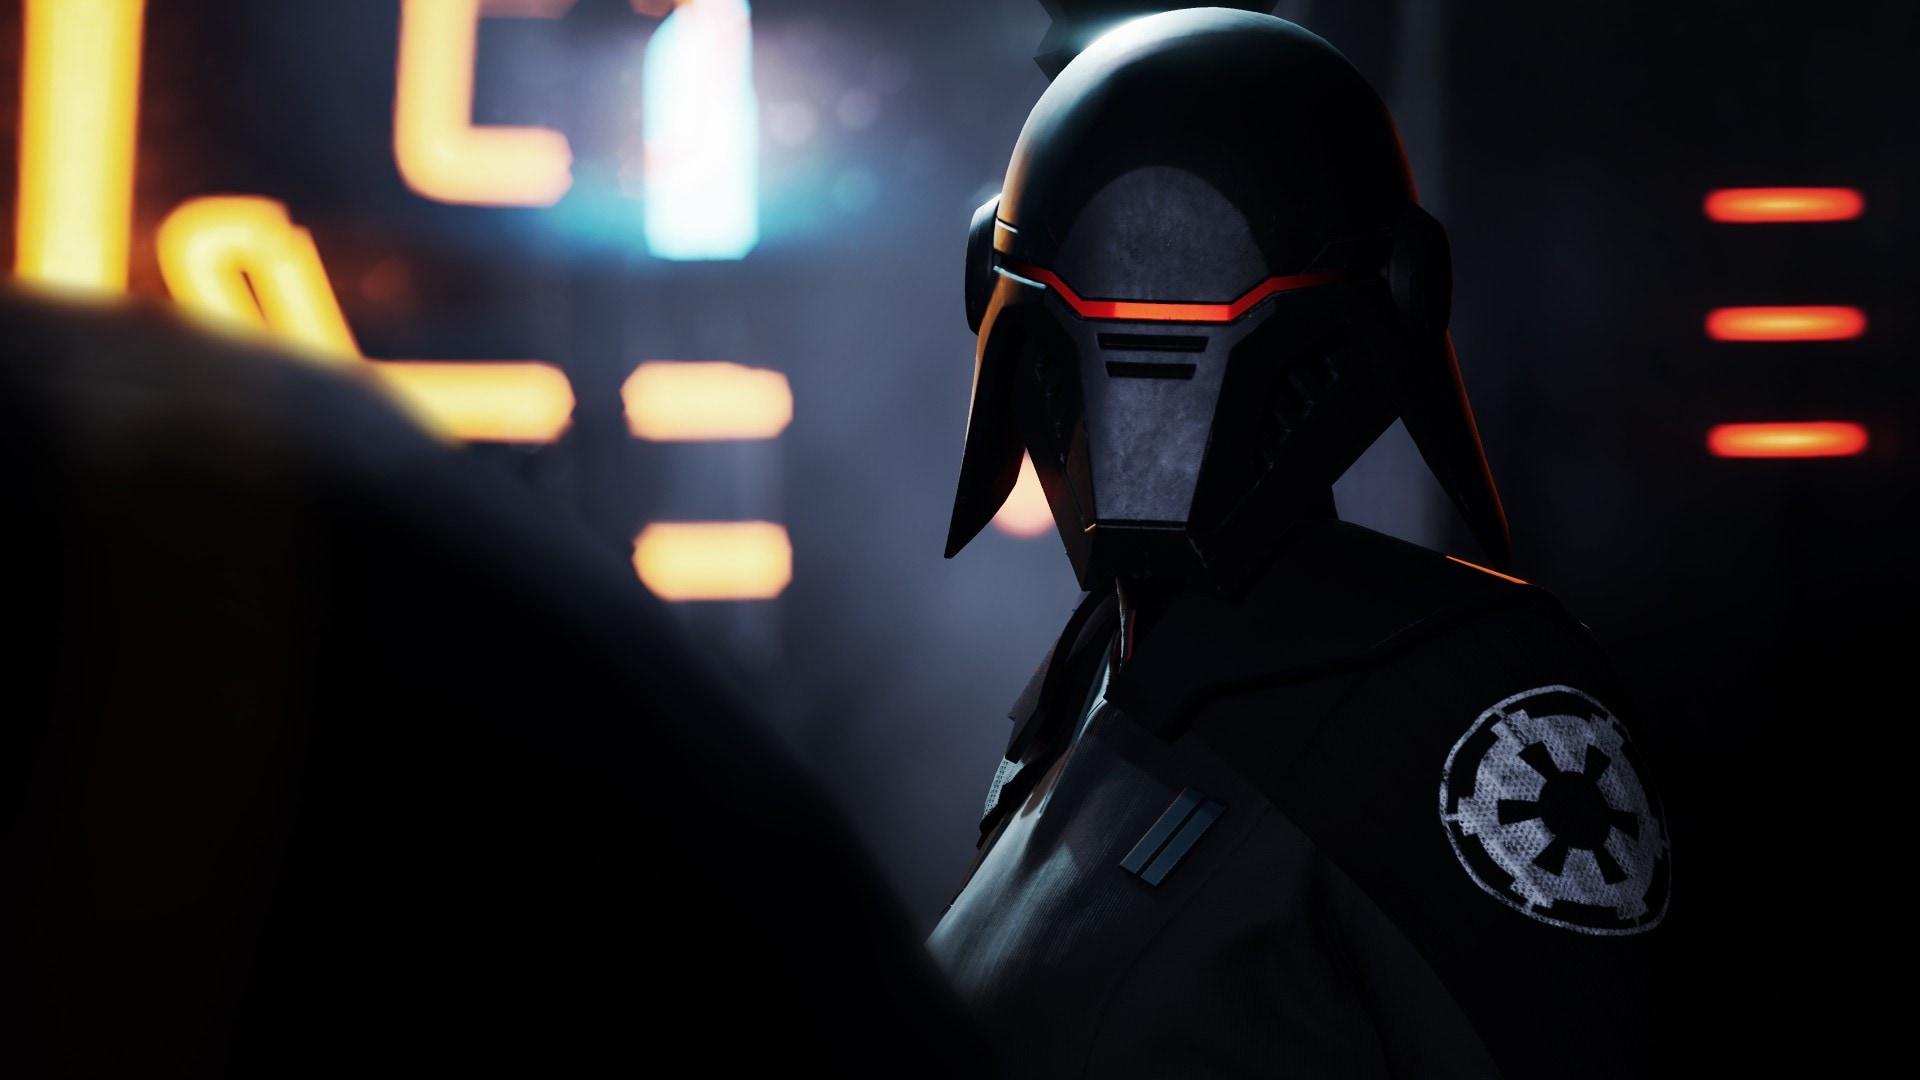 Star Wars Jedi: Fallen Order (PC) - Origin Key - GLOBAL